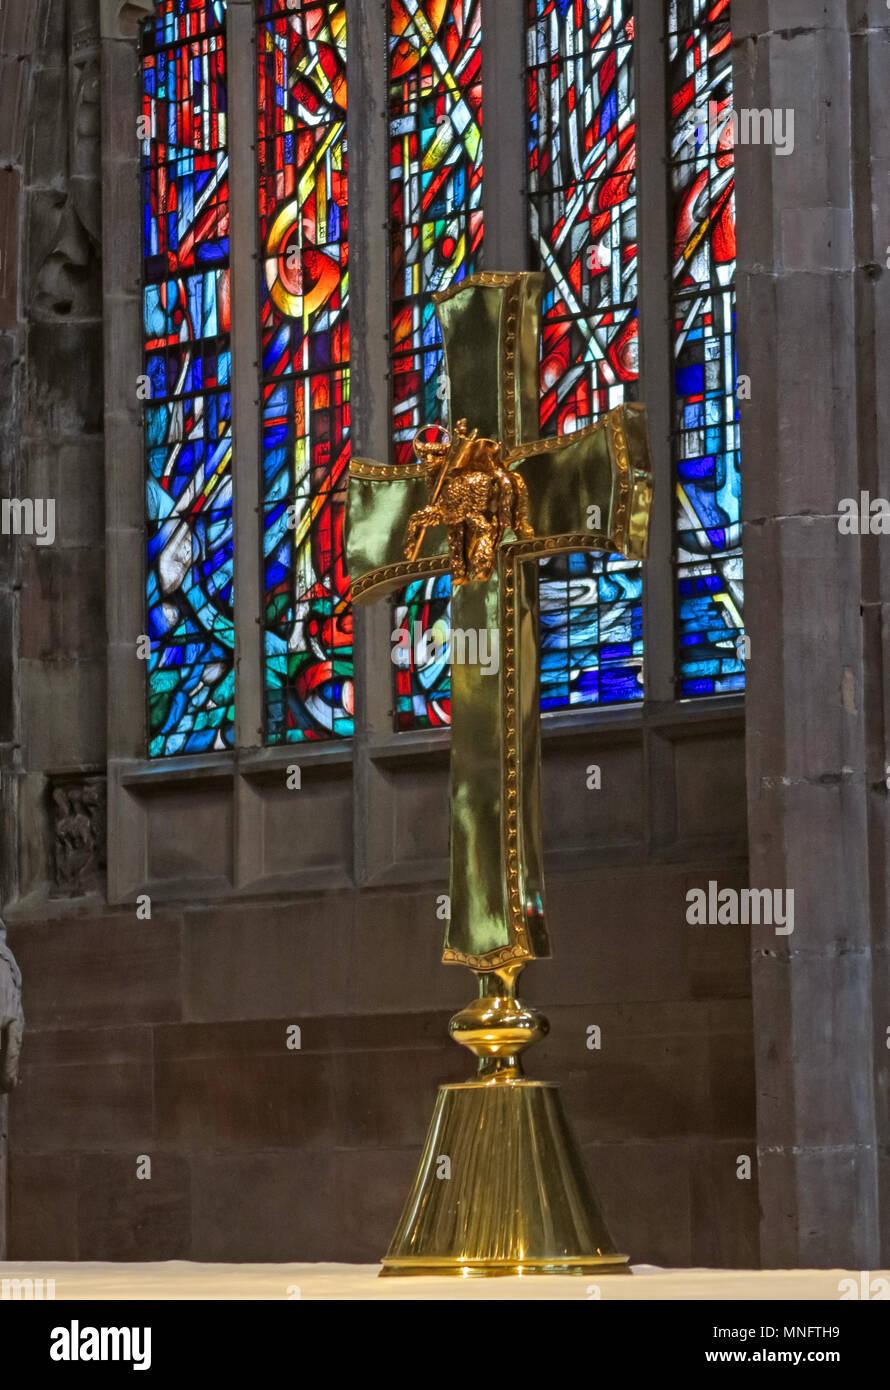 Laden Sie dieses Alamy Stockfoto Messing Kreuz auf dem Altar der Kathedrale von Manchester, Lancashire, England, Großbritannien - MNFTH9